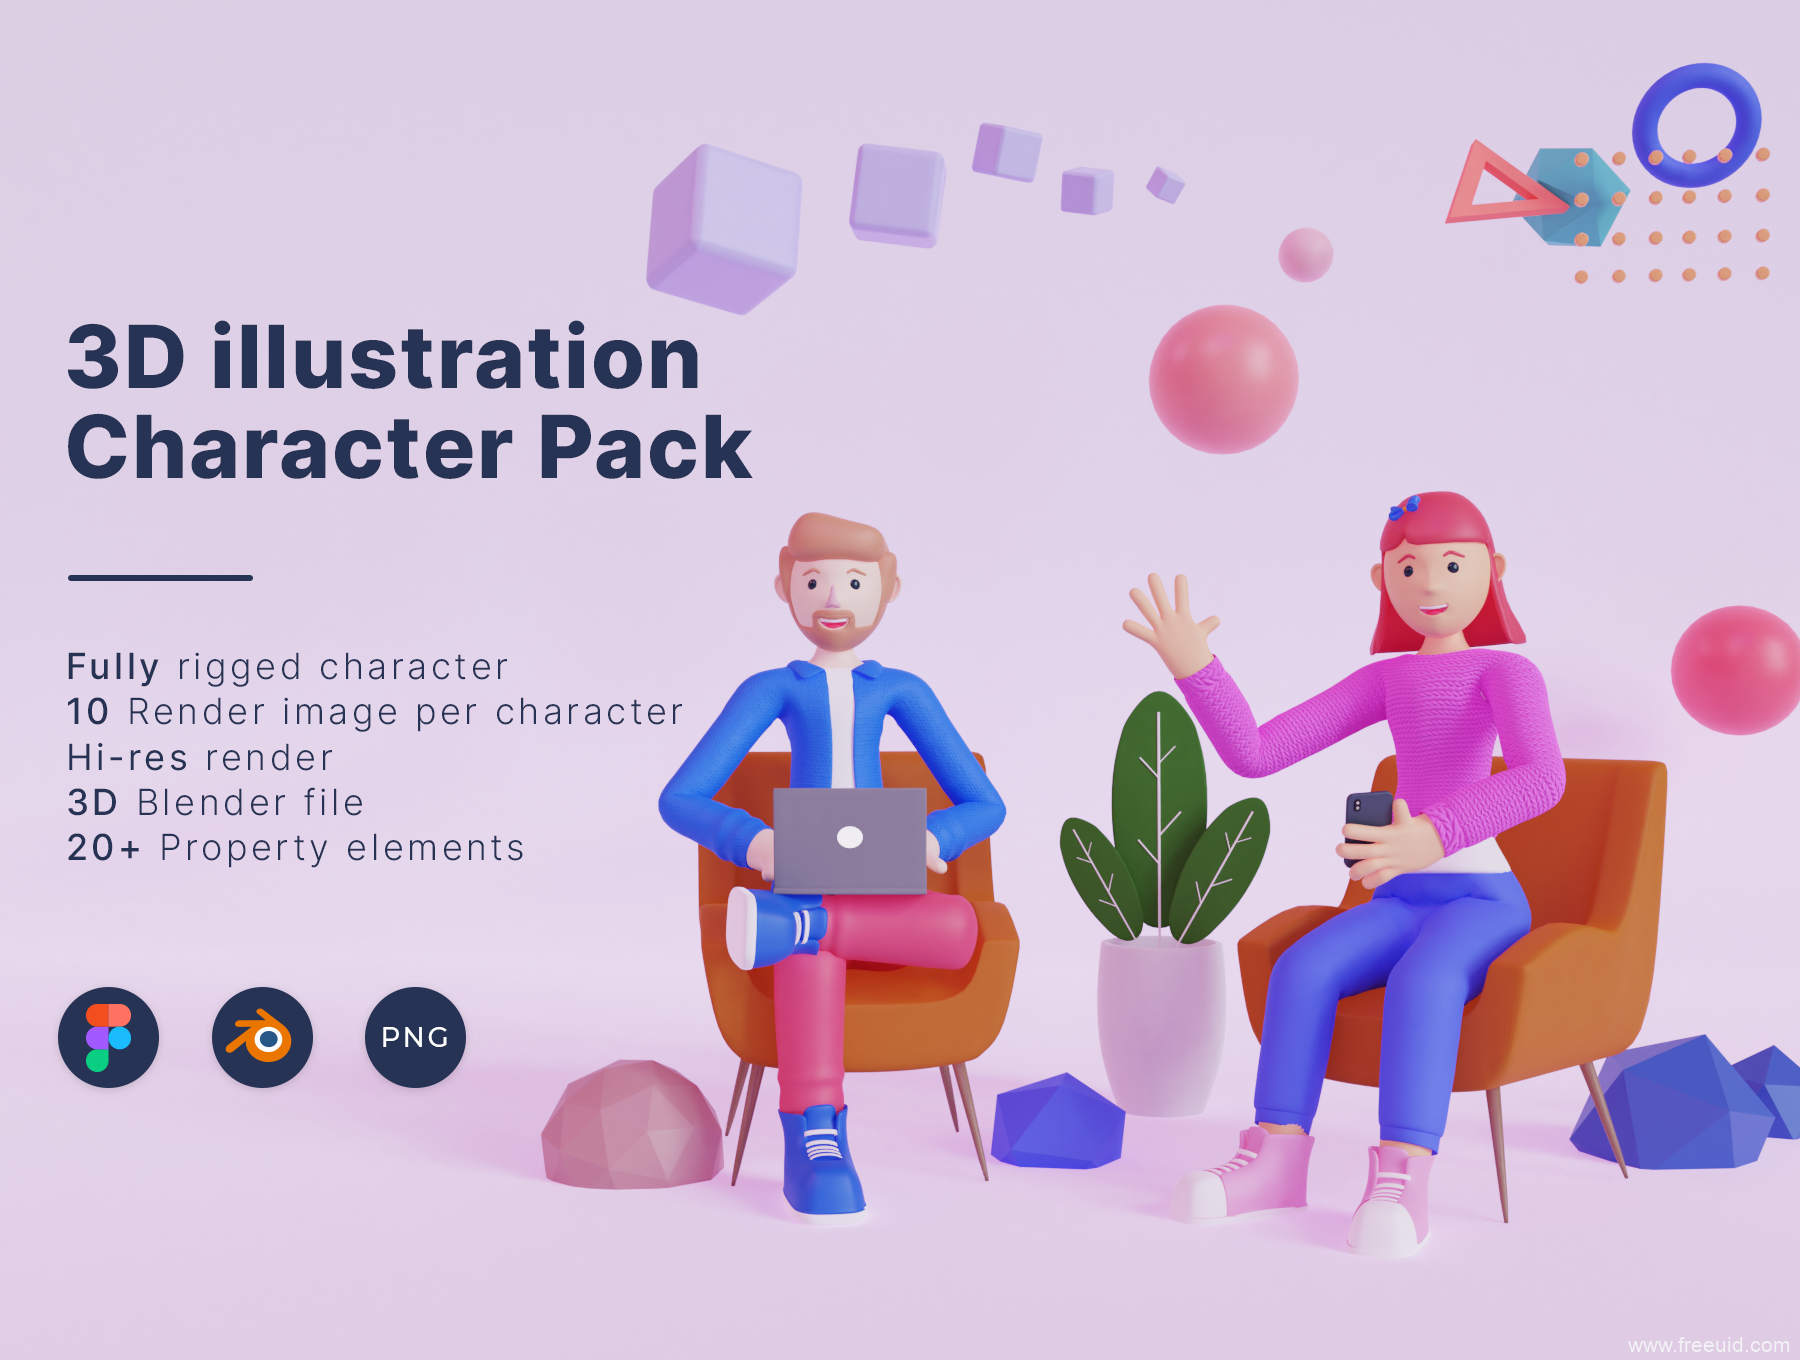 又一套3D人物角色源文件下载,3d人物角色插画运营设计资源包